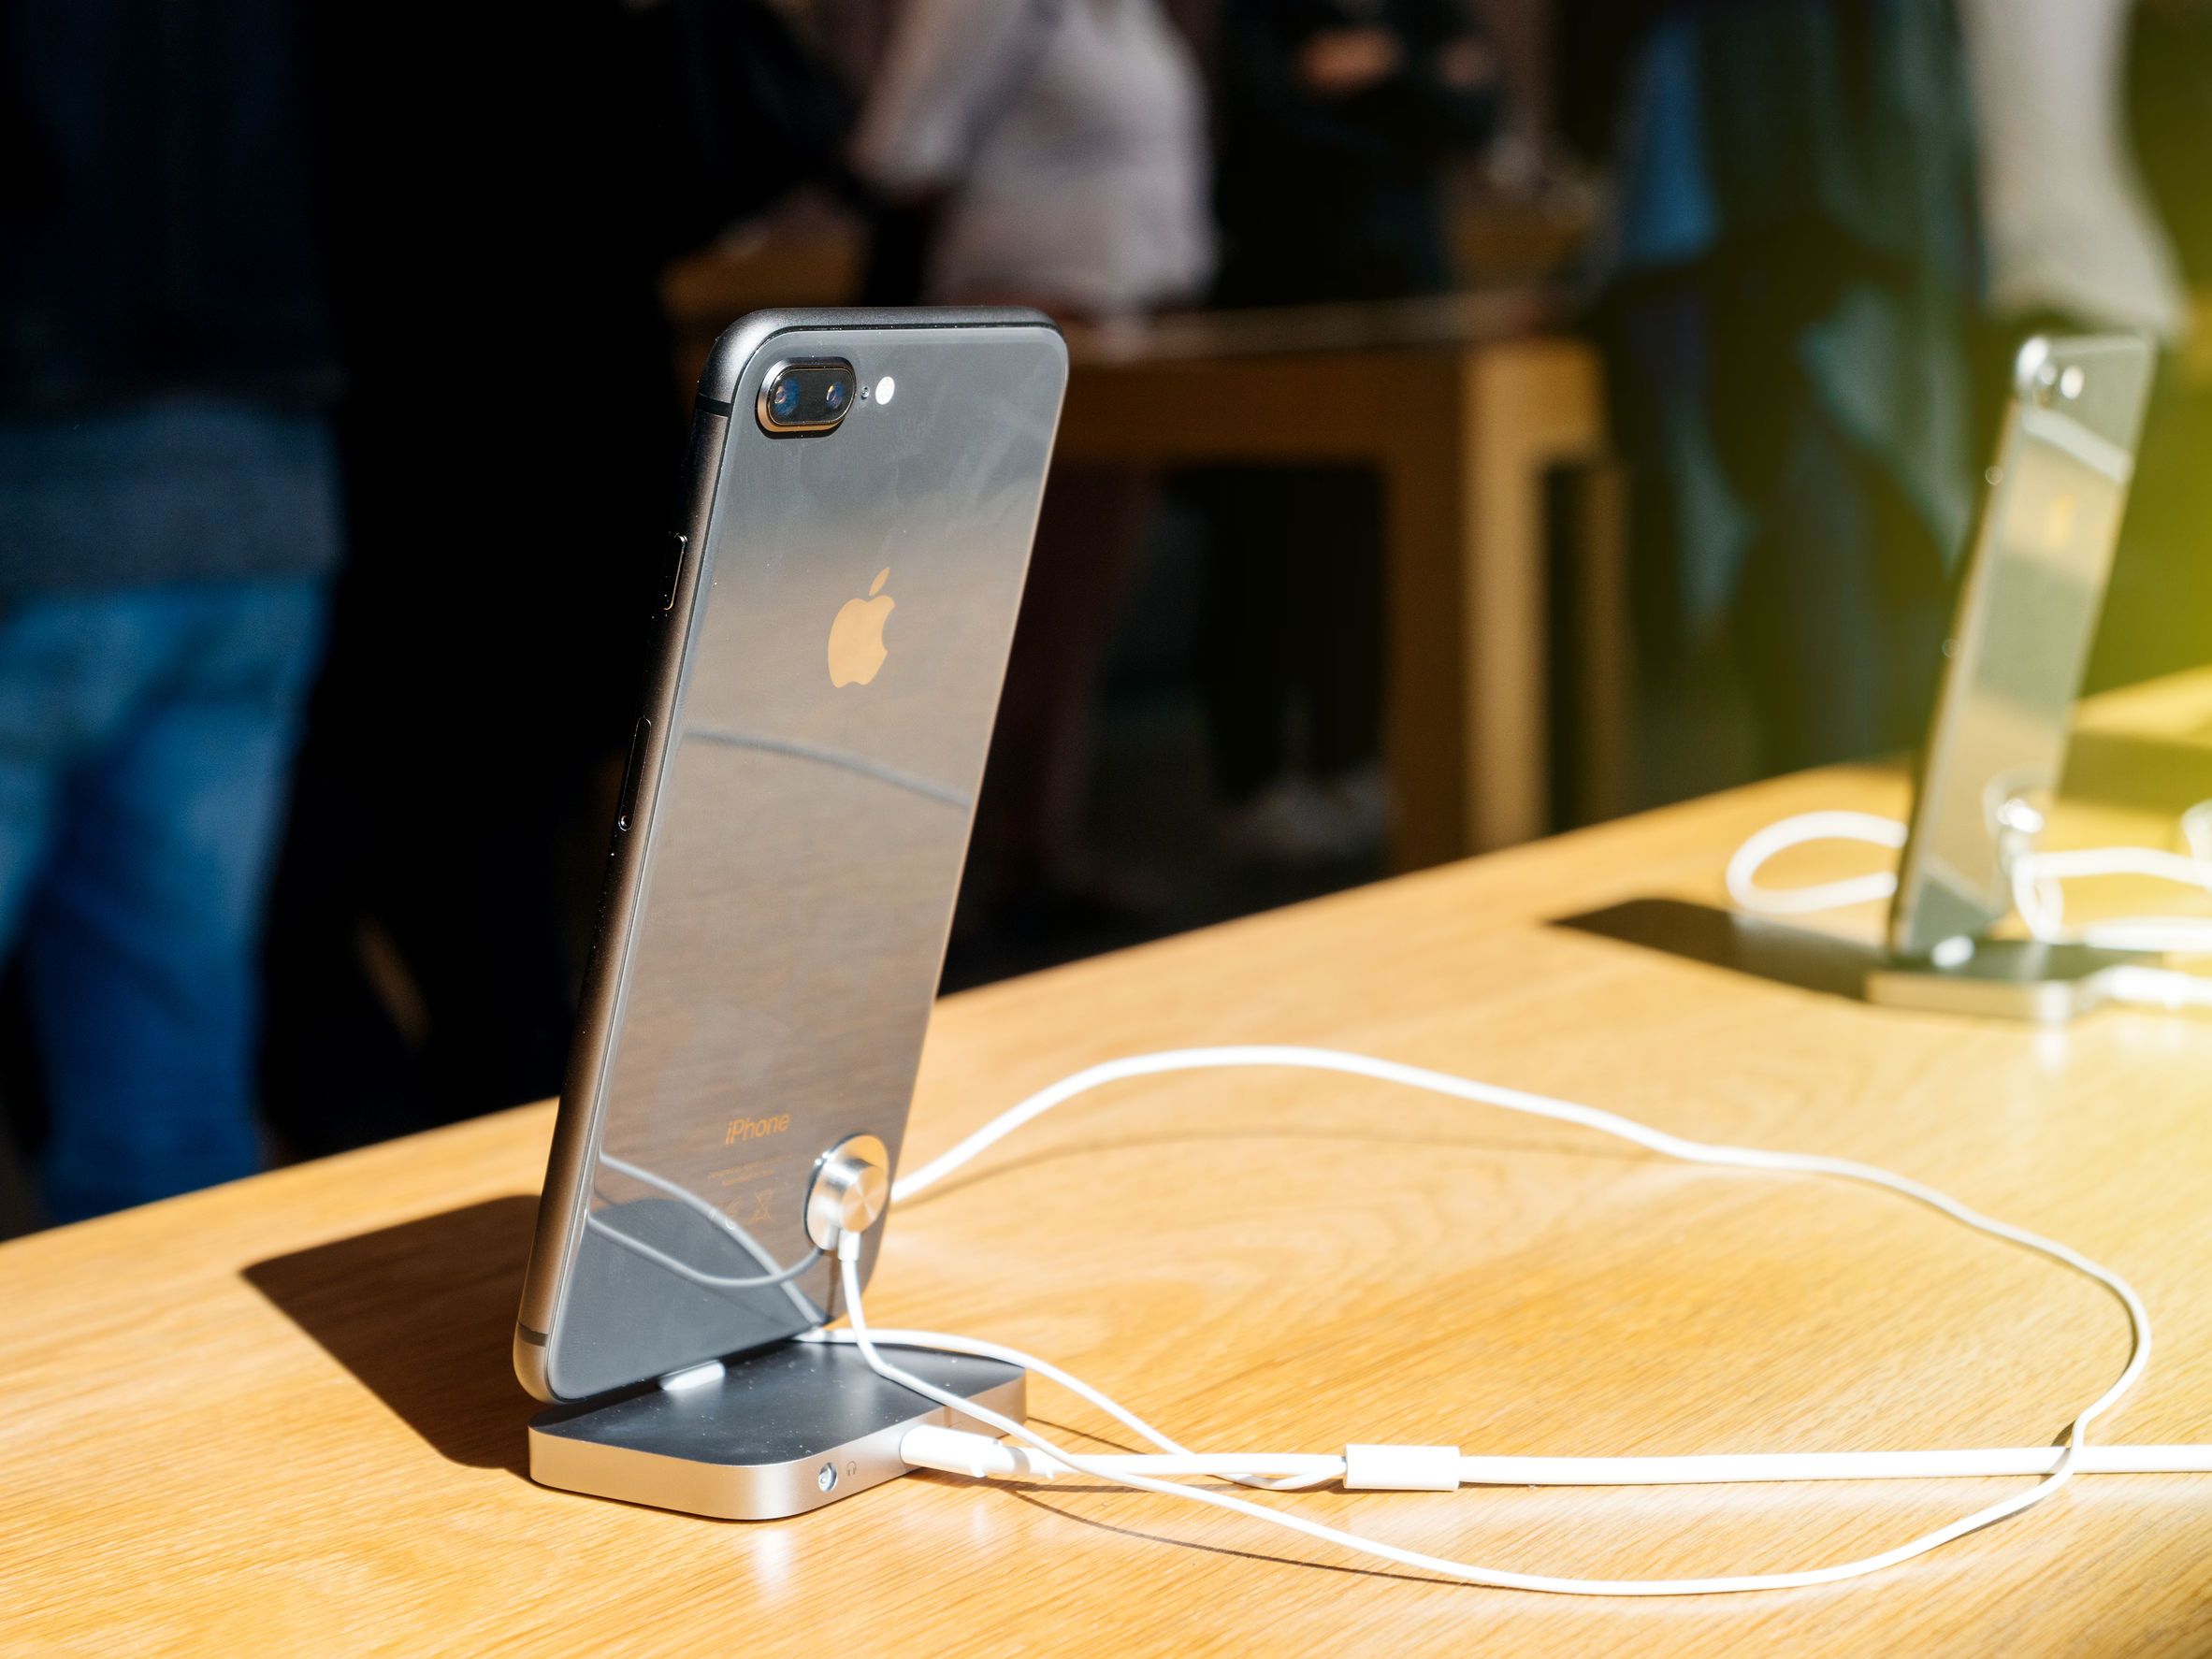 Foto de dois celulares, um em primeiro plano e em um segundo, em cima de uma mesa, conectados a um dock station.